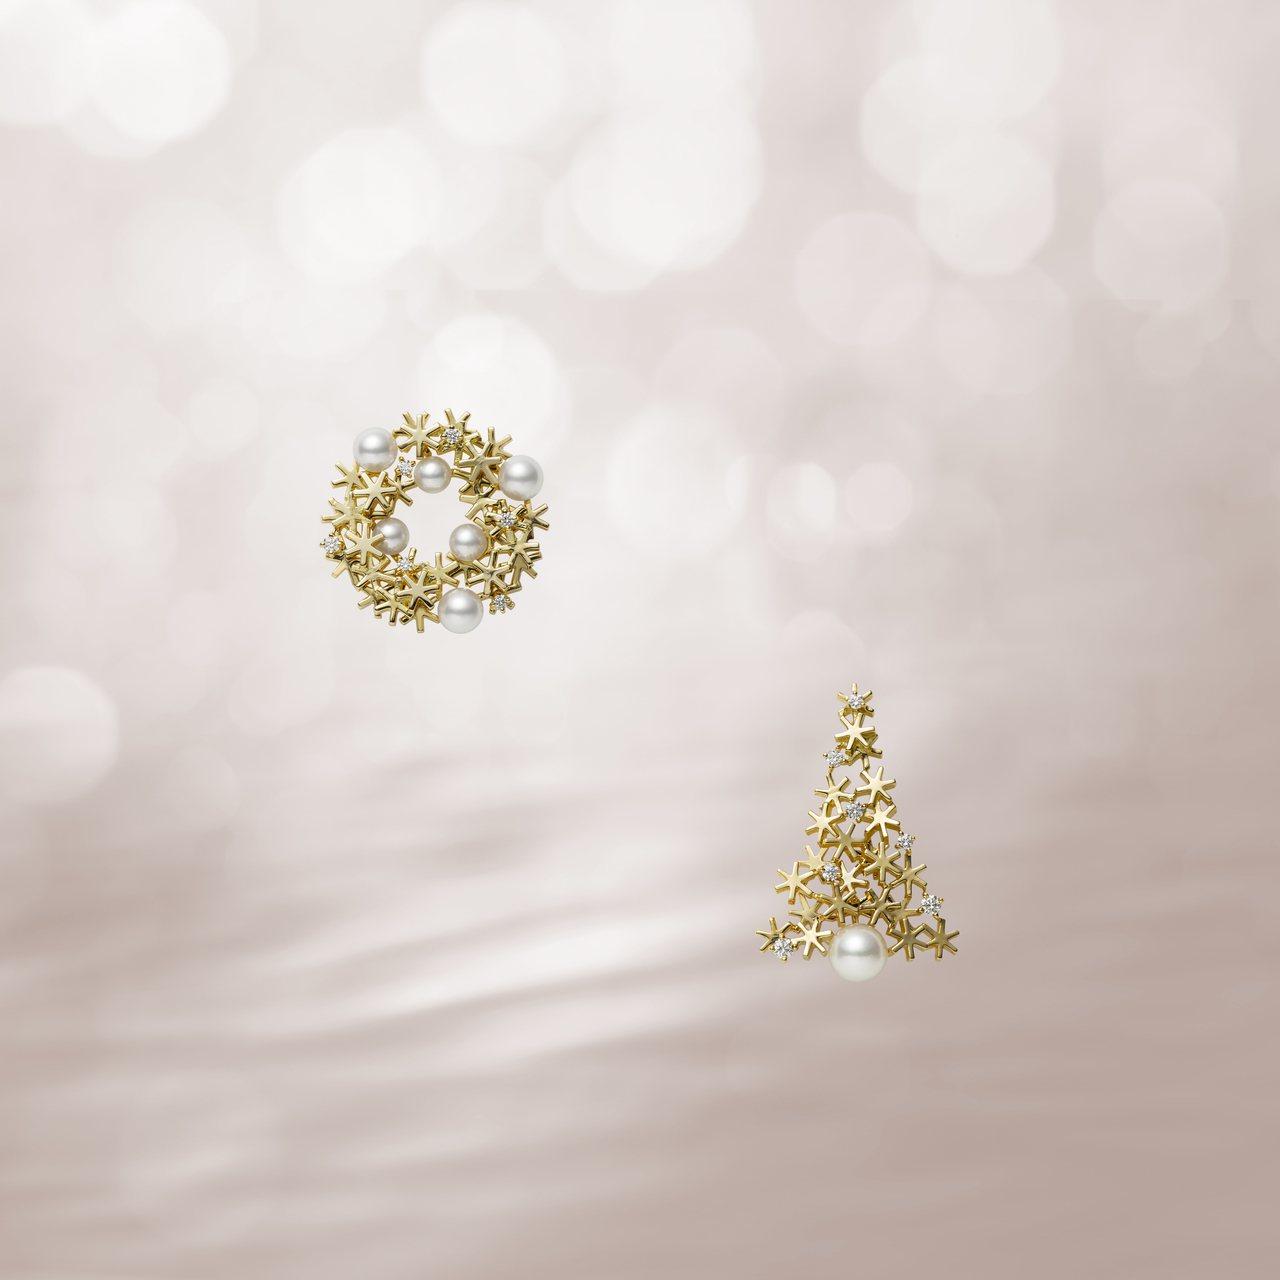 日本Akoya珍珠18K黃金耶誕樹及耶誕花圈胸針,限量發售。圖/MIKIMOTO...